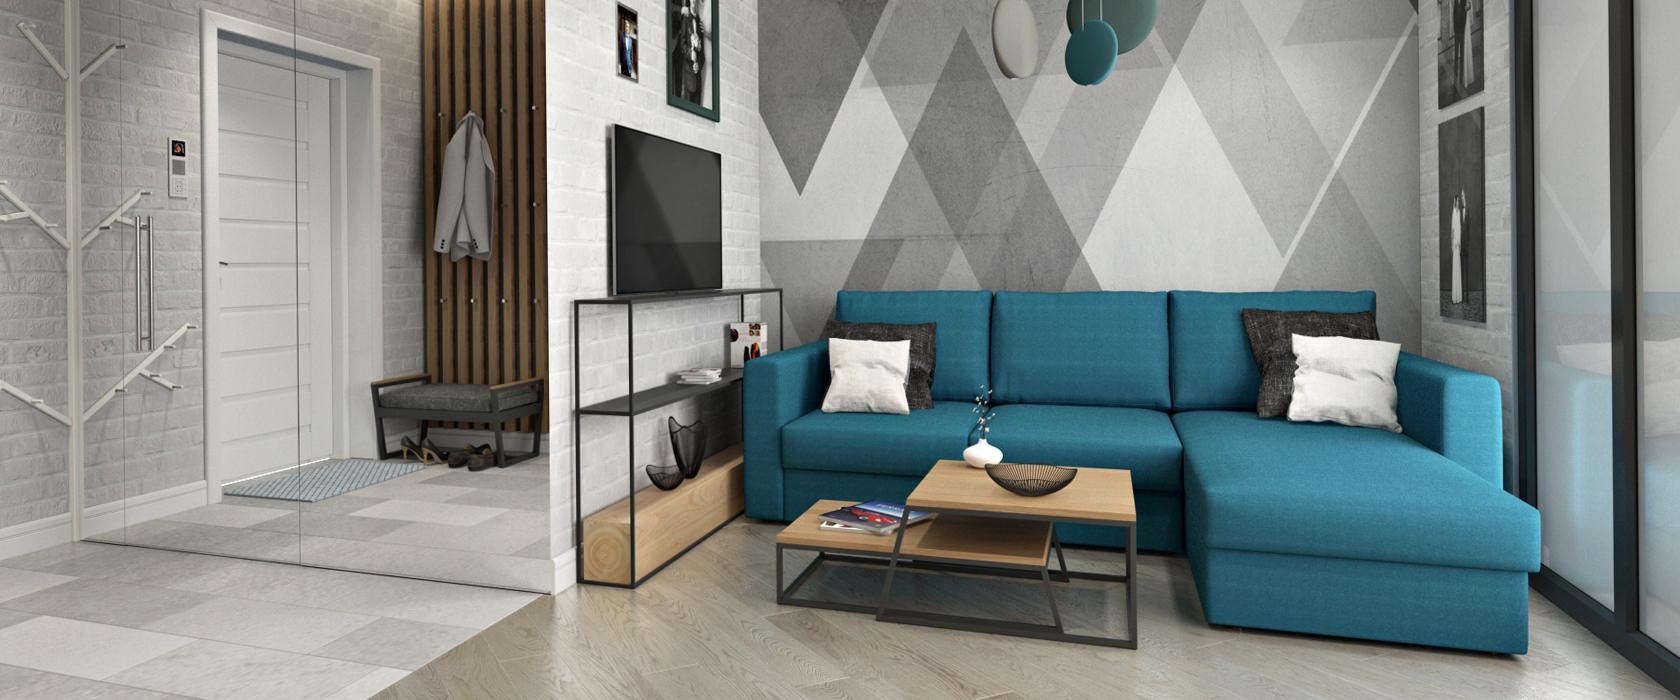 Угловой диван Bianca - Фото 2 - Pufetto